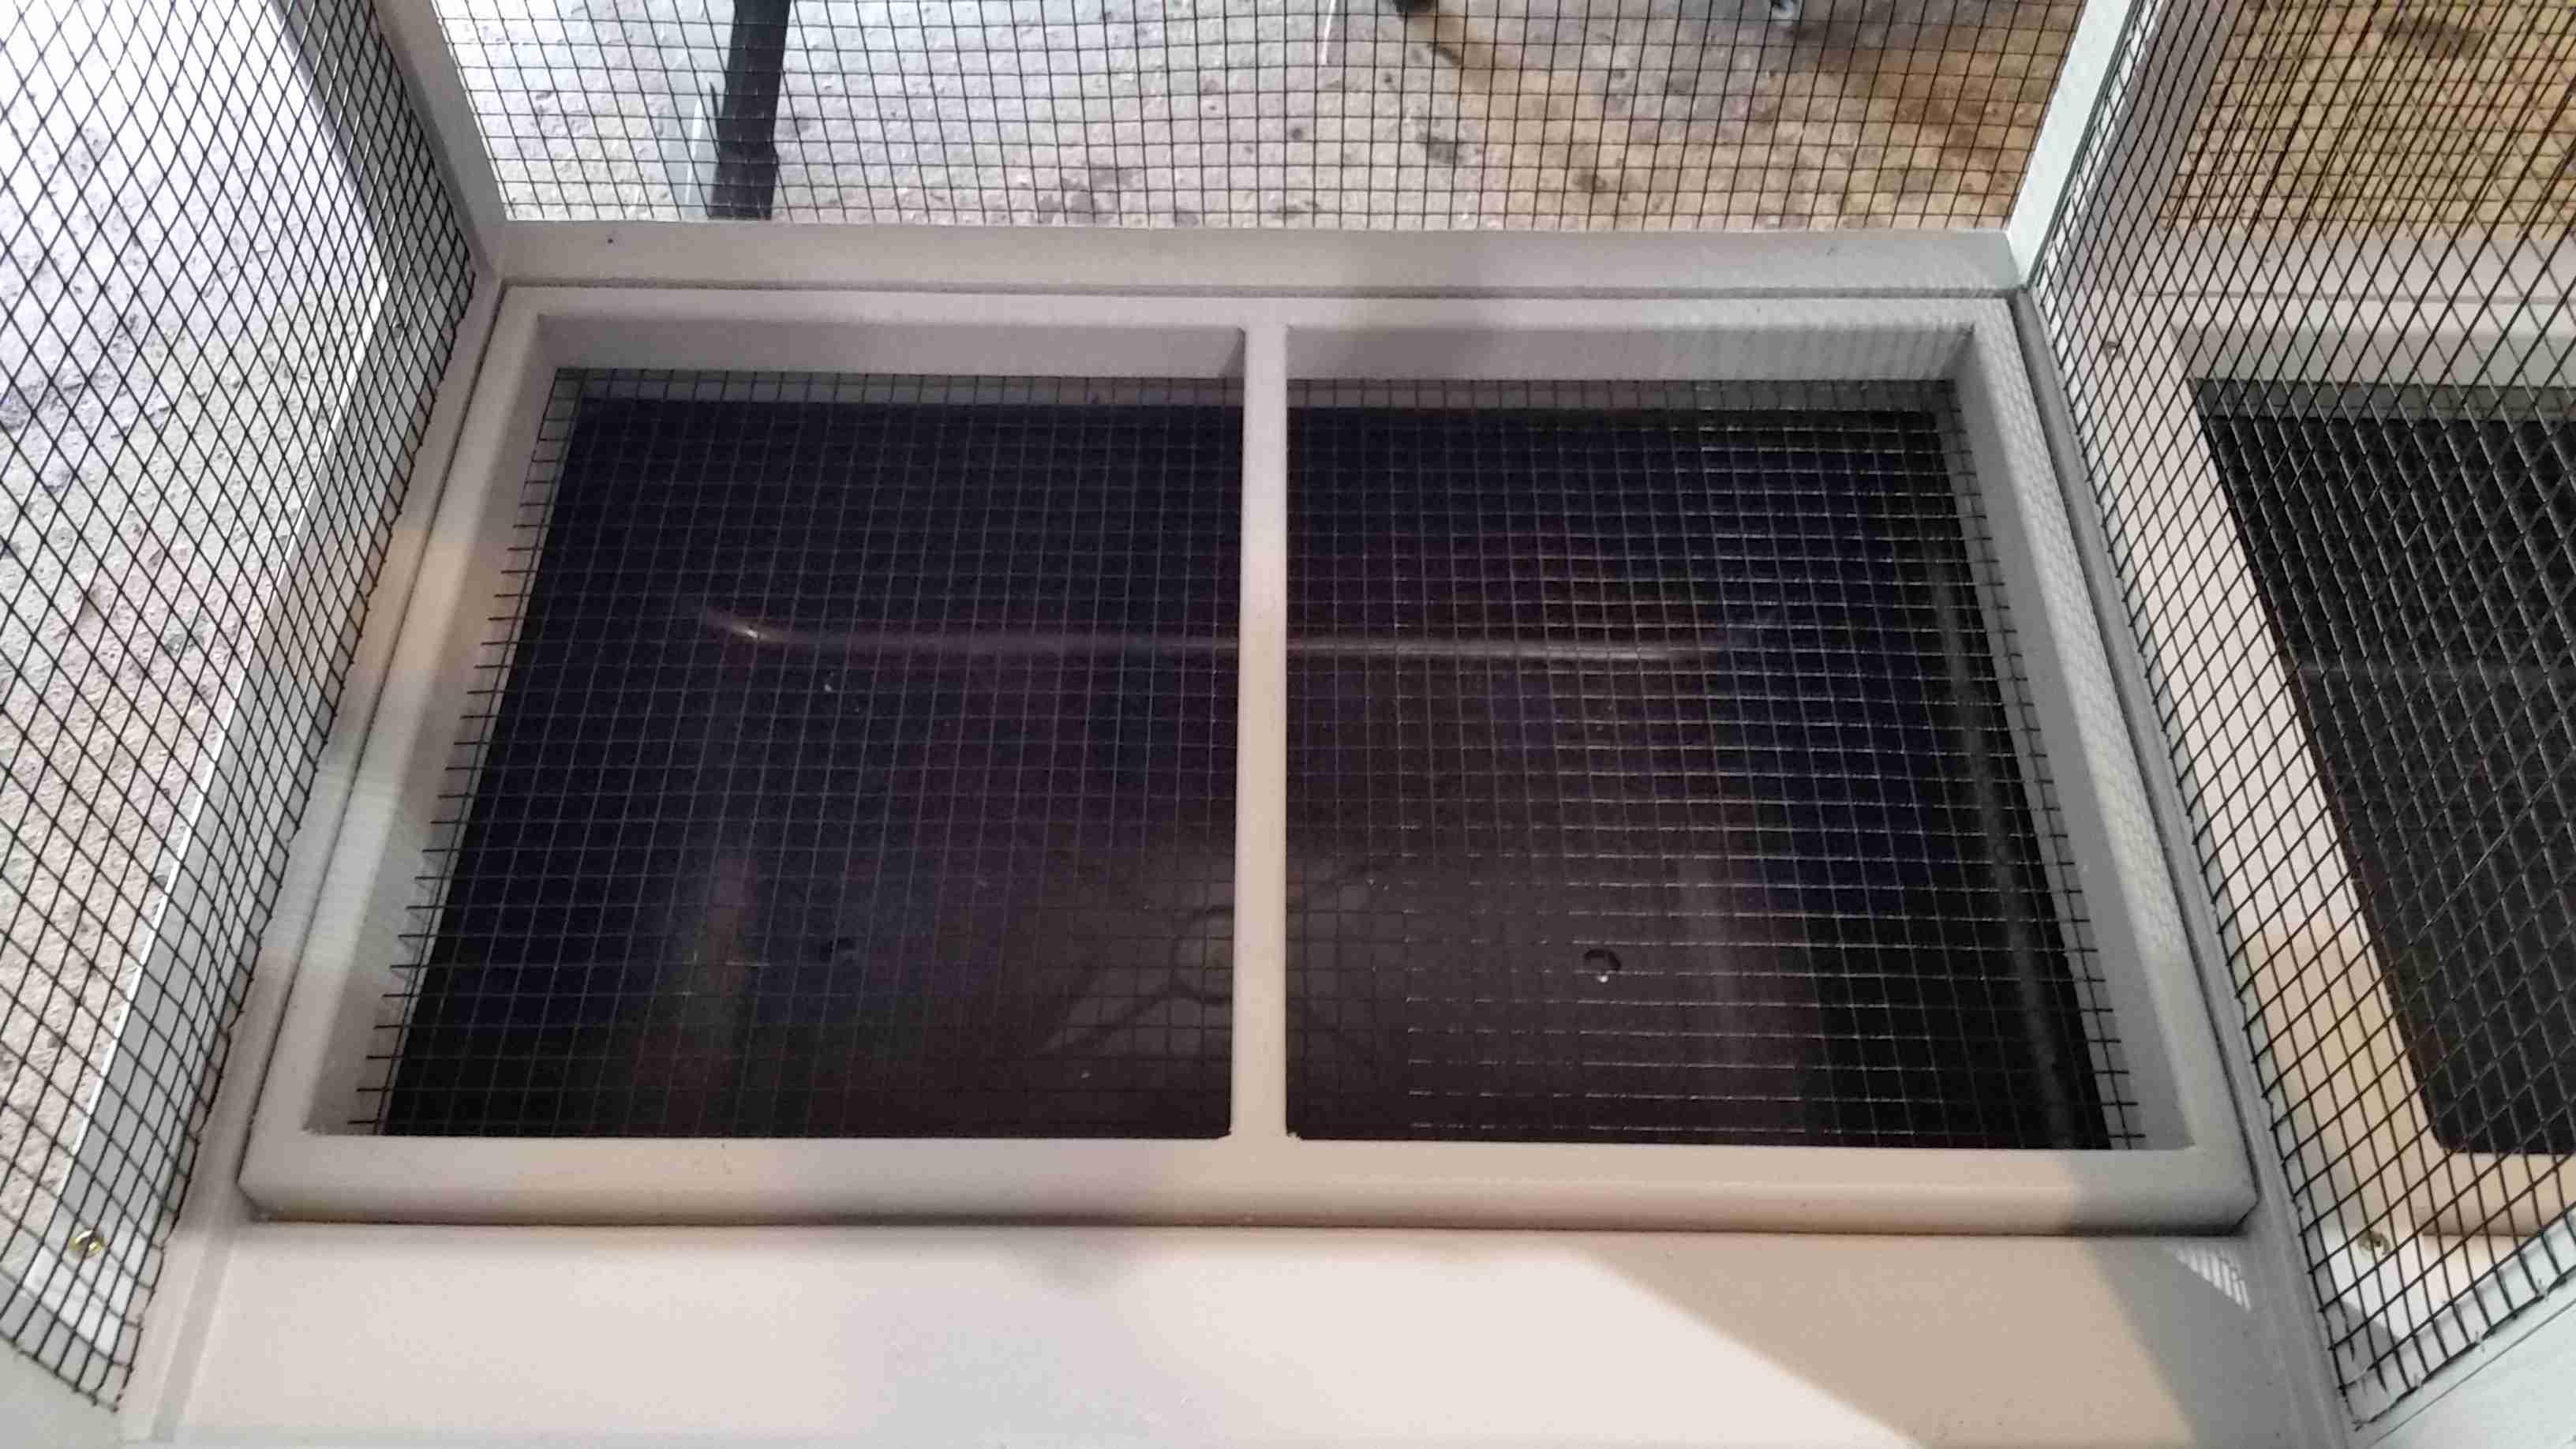 Hilton head Hen House - Dove Aviary (14)